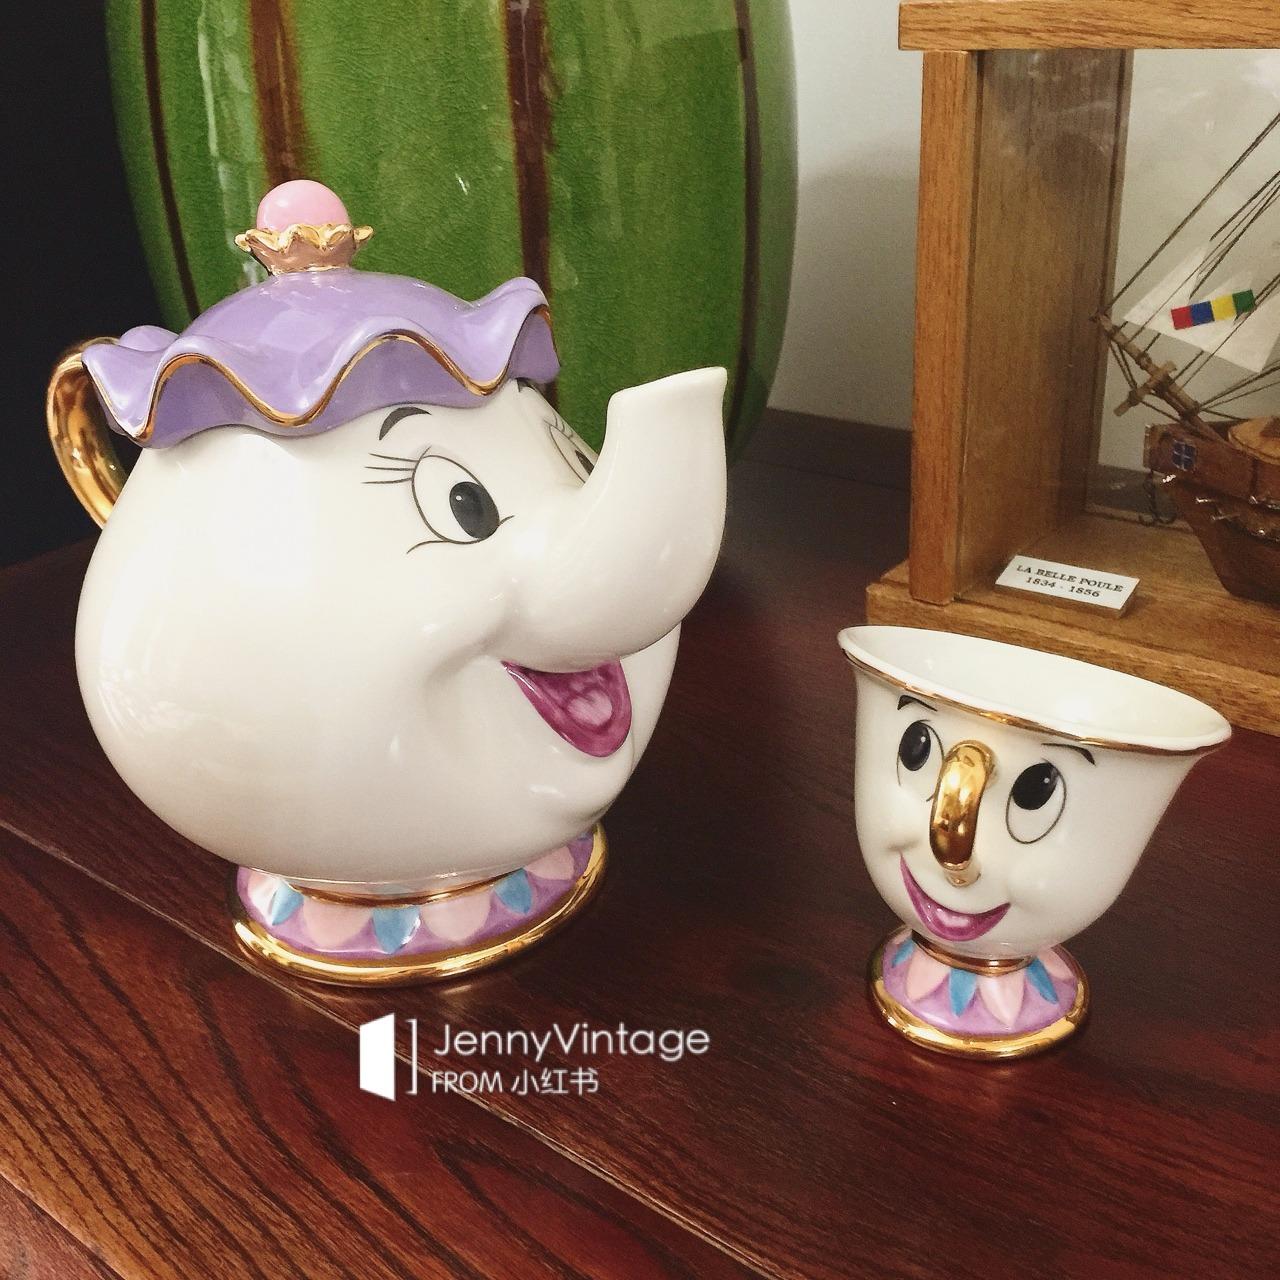 这套disney的茶煲太太茶壶套装实在太可爱了